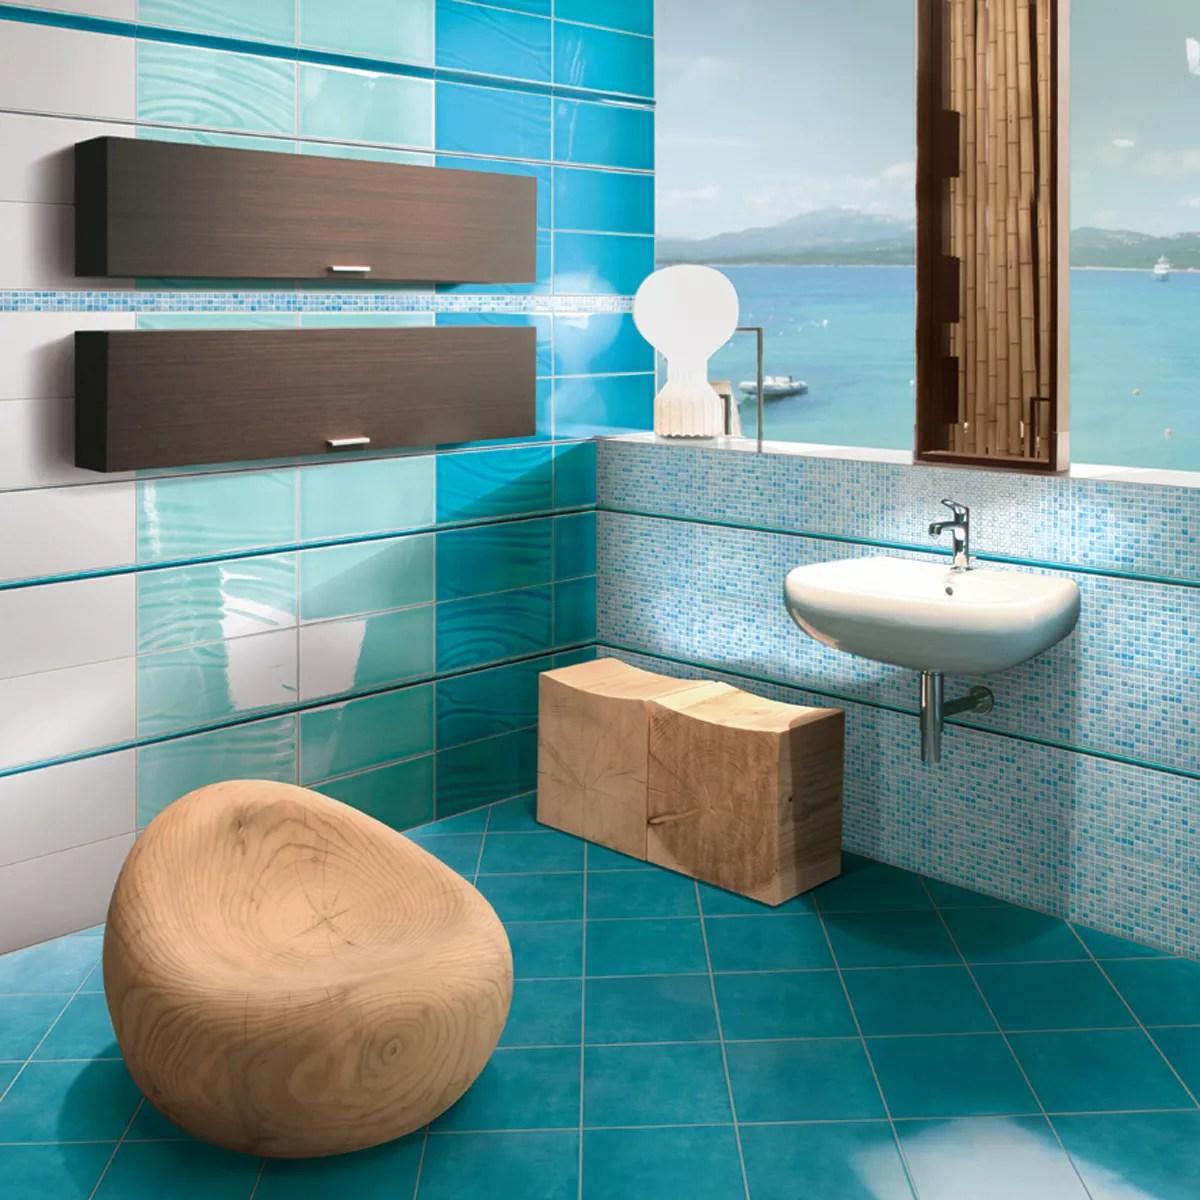 Bagno rivestimento azzurro rivestimento bagno con mosaico e